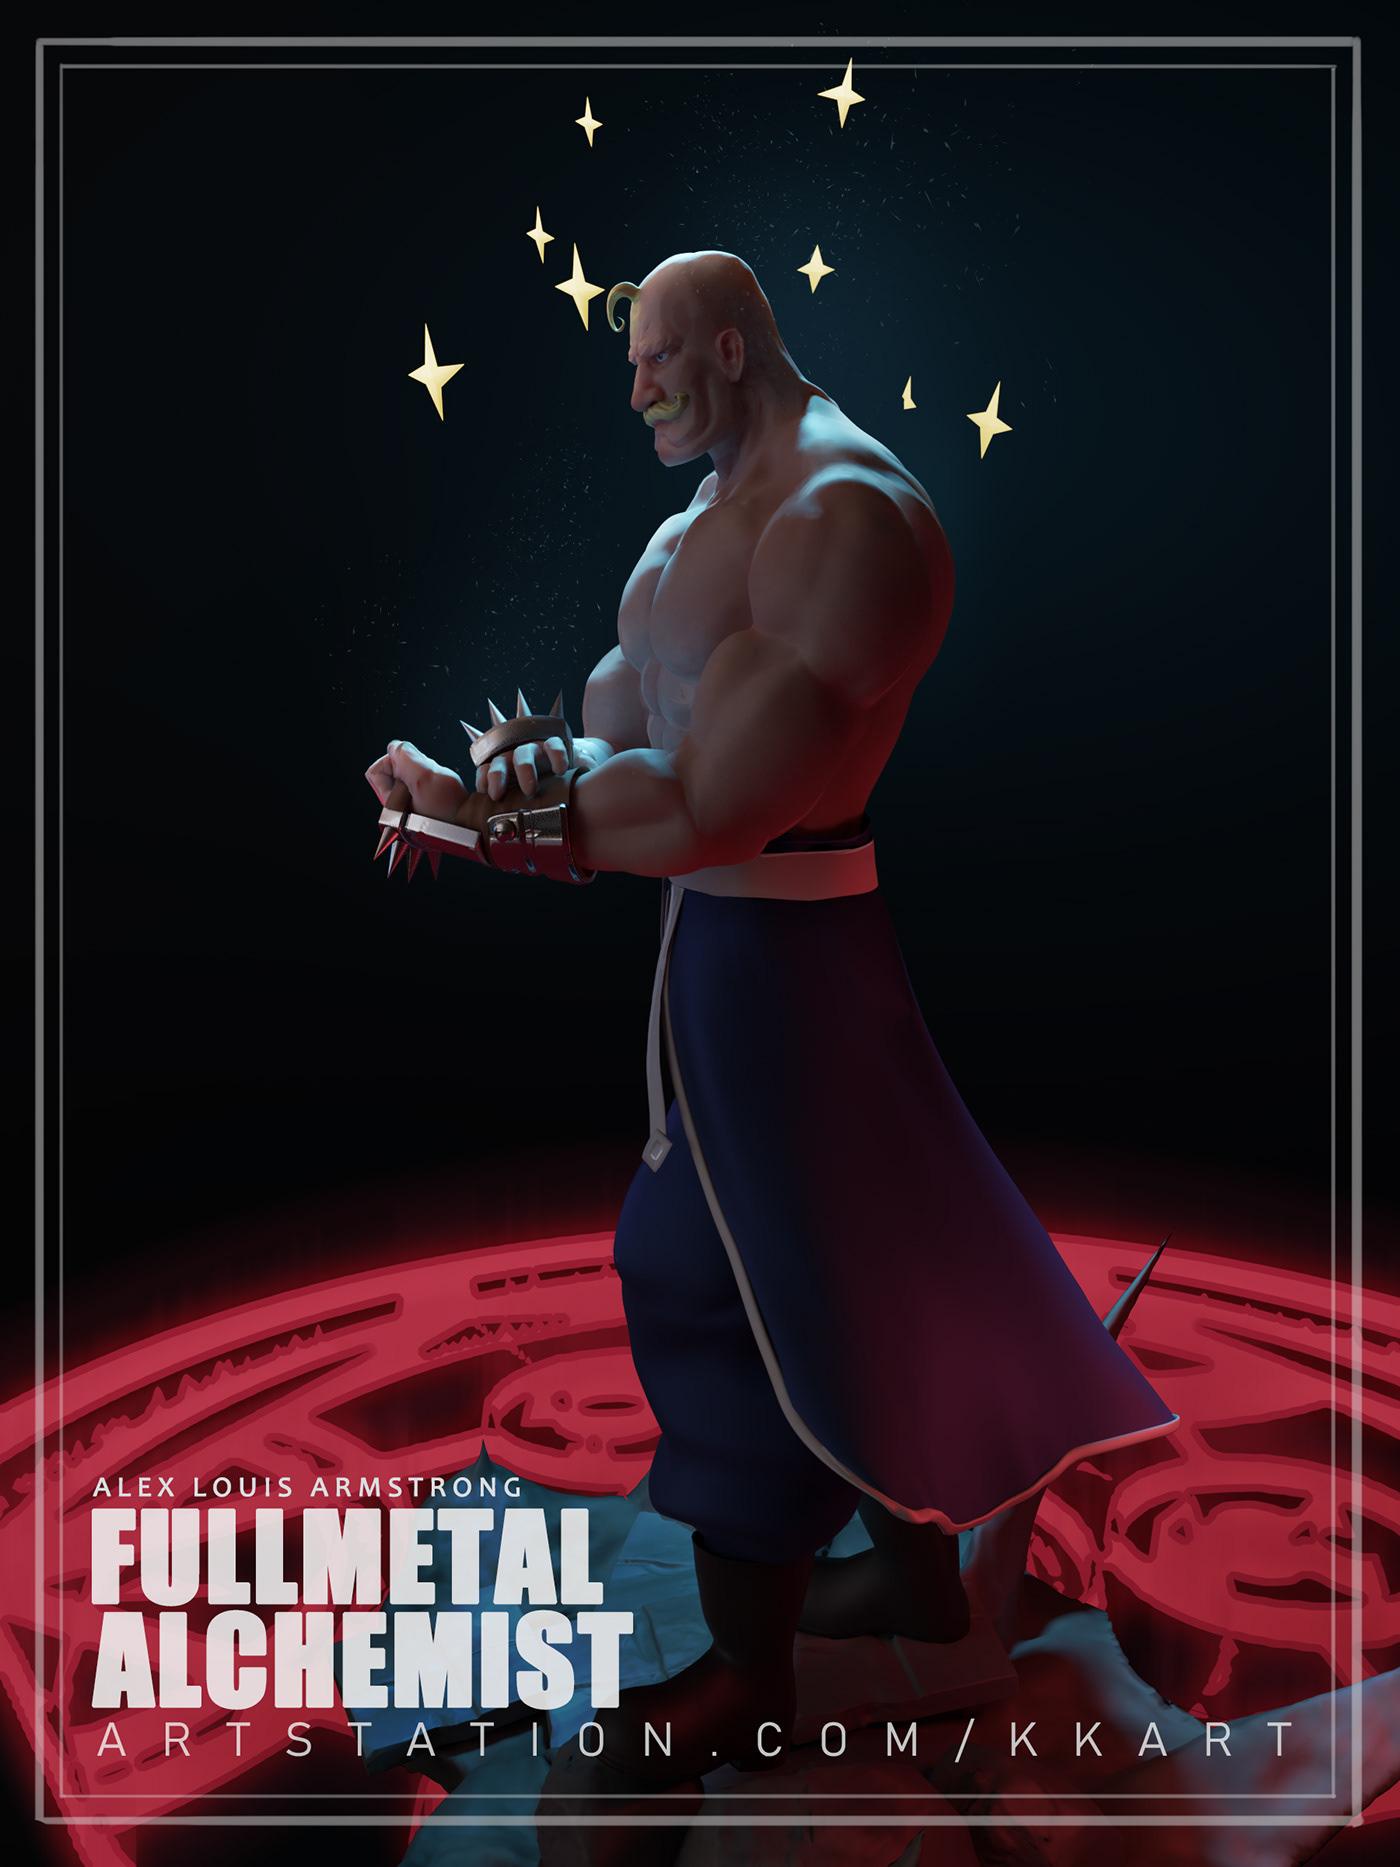 fullmetal alchemist s fan artalex louis armstrong on behance